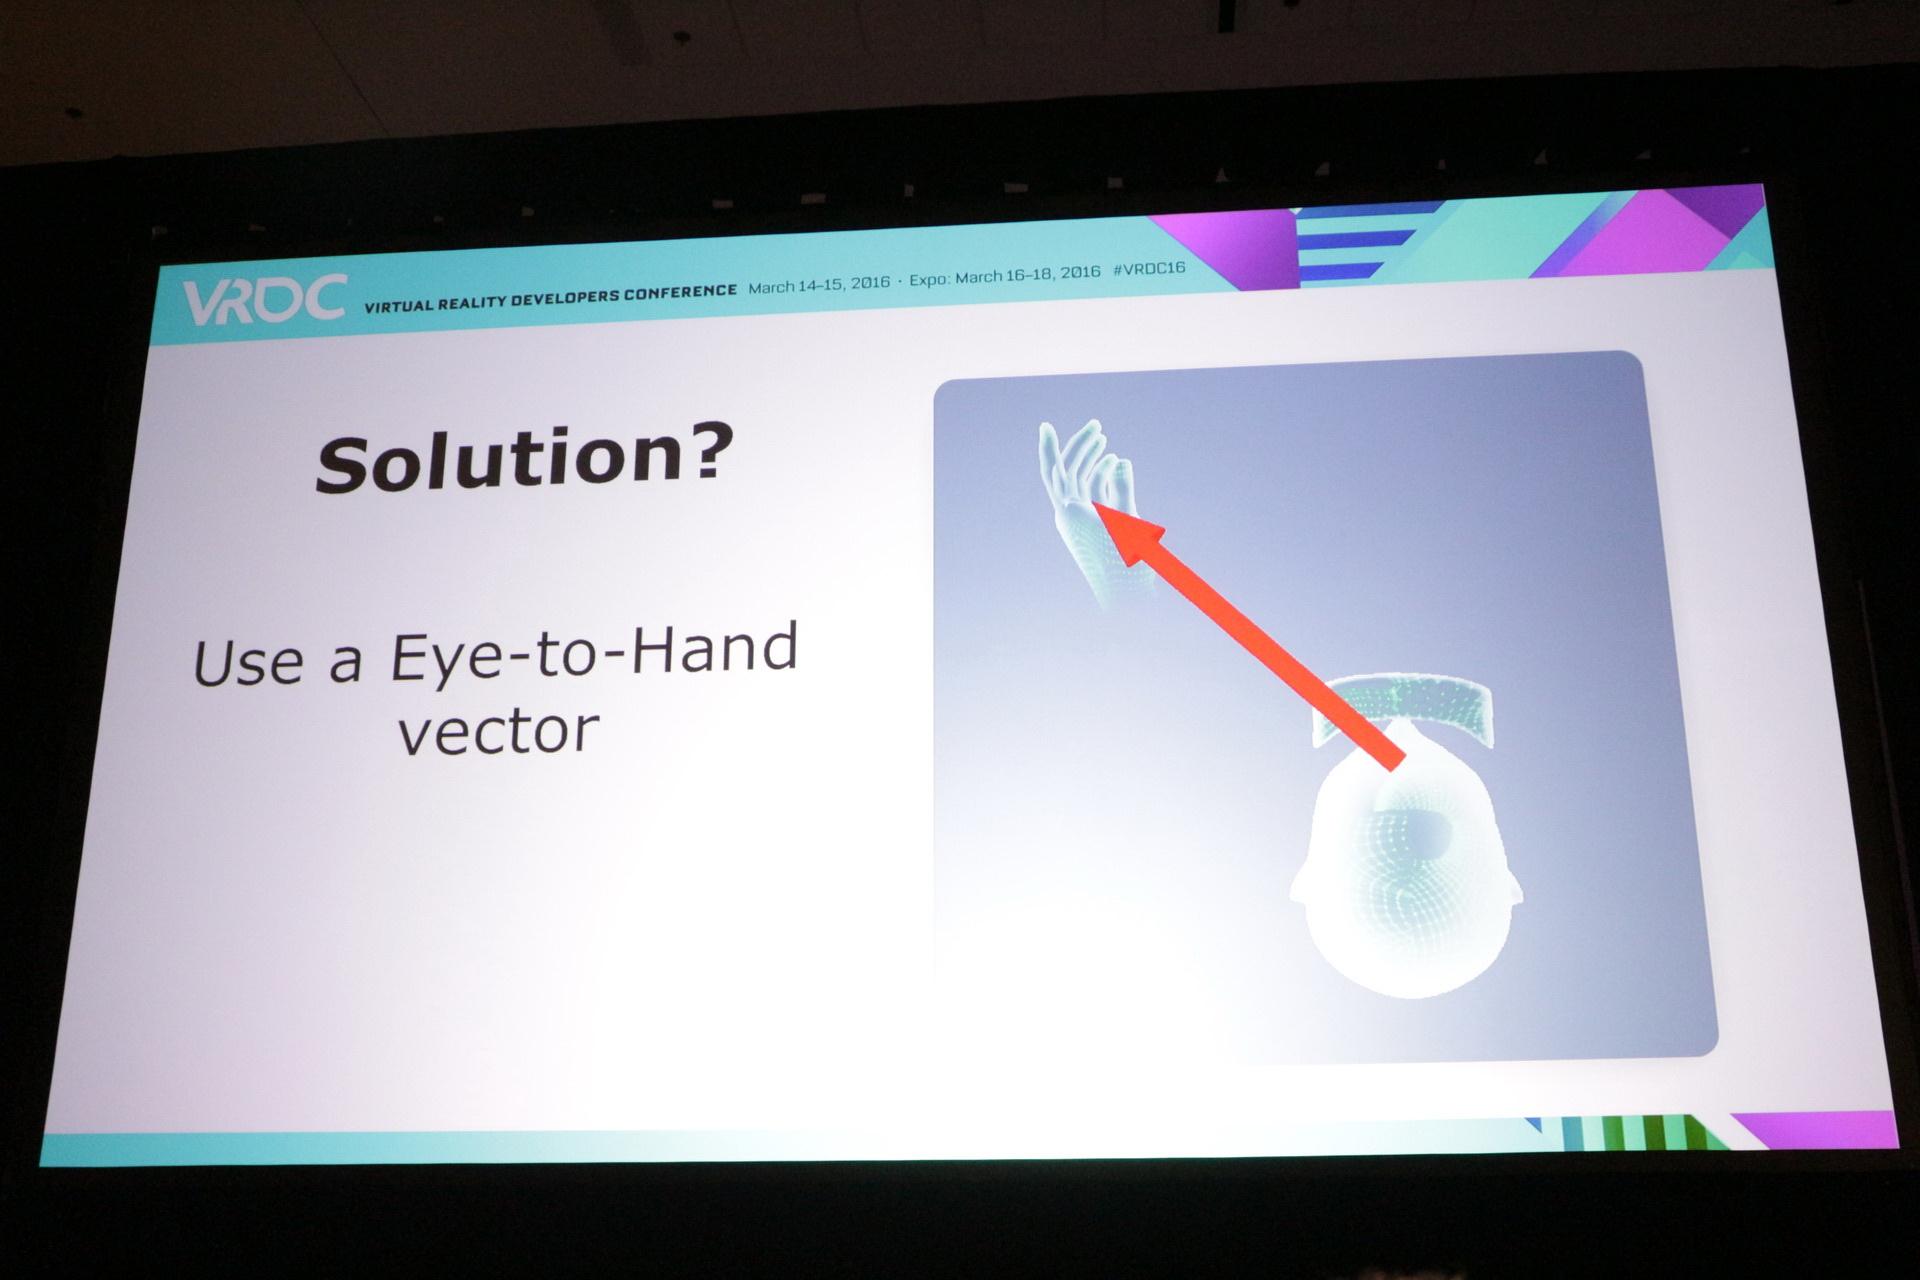 目から手への方向で、手がオブジェクトに触れるための当たり判定を引き延ばす